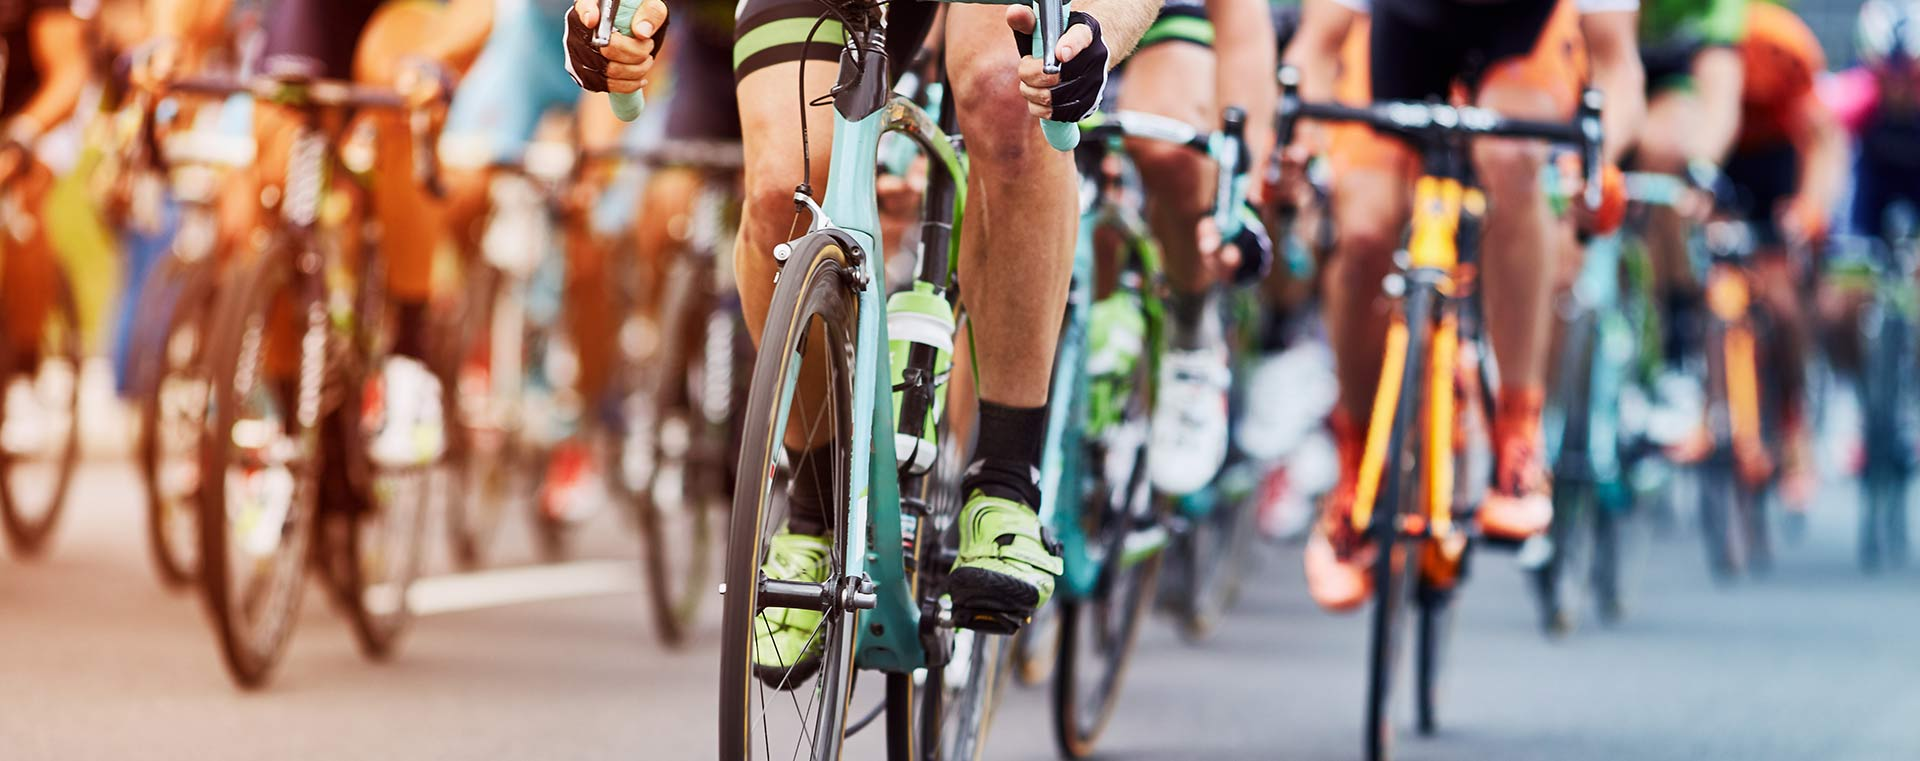 winning-road-bike-race